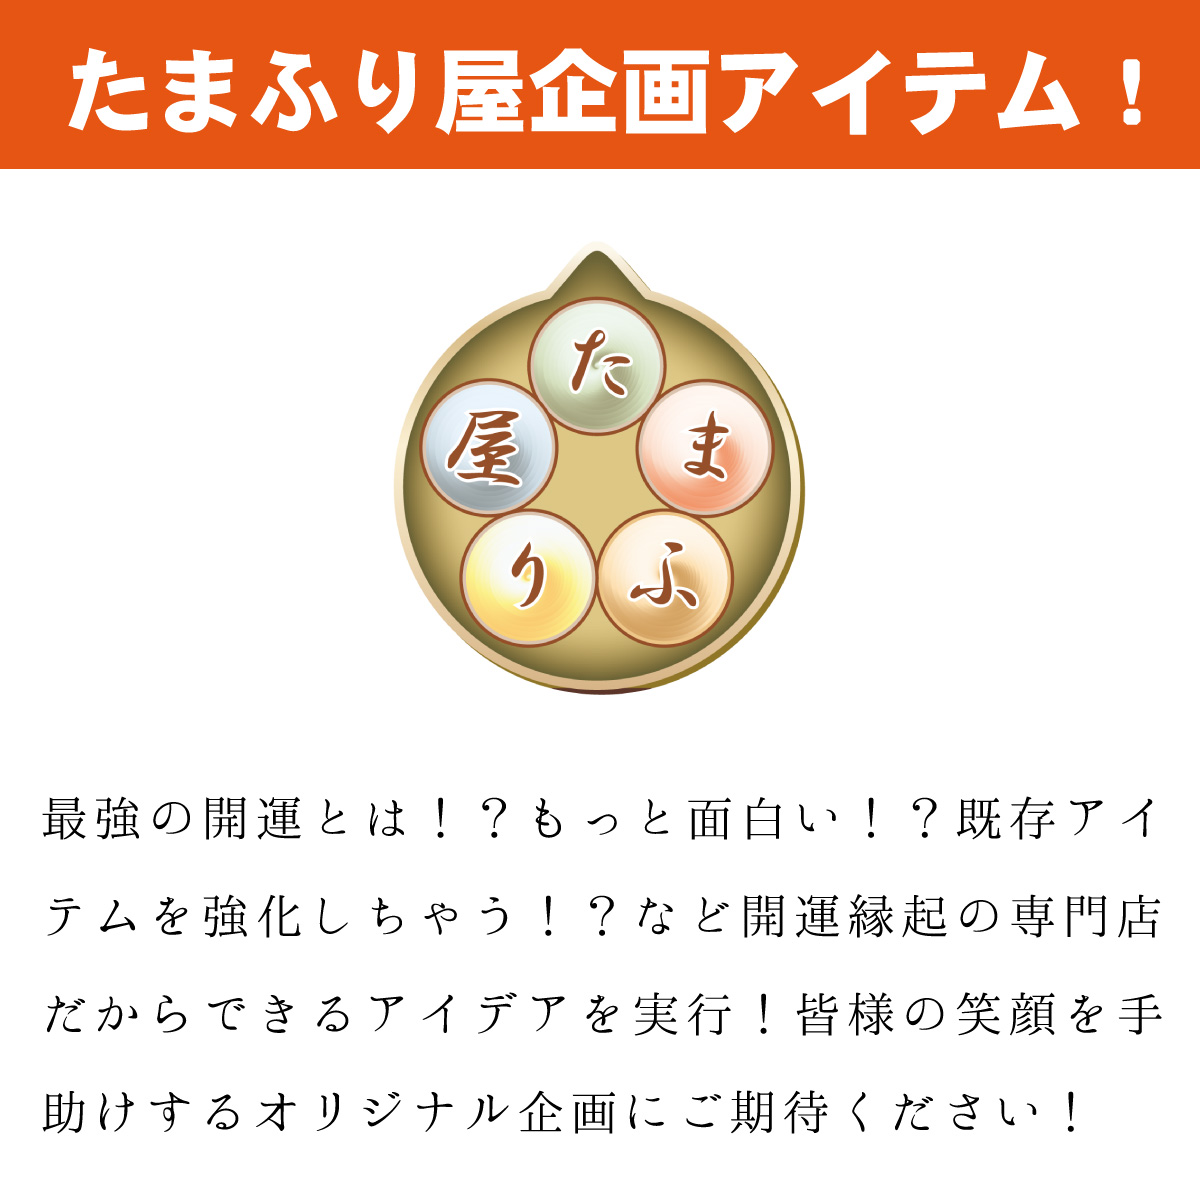 金運招来タオル『トイレの神様』(3枚組)